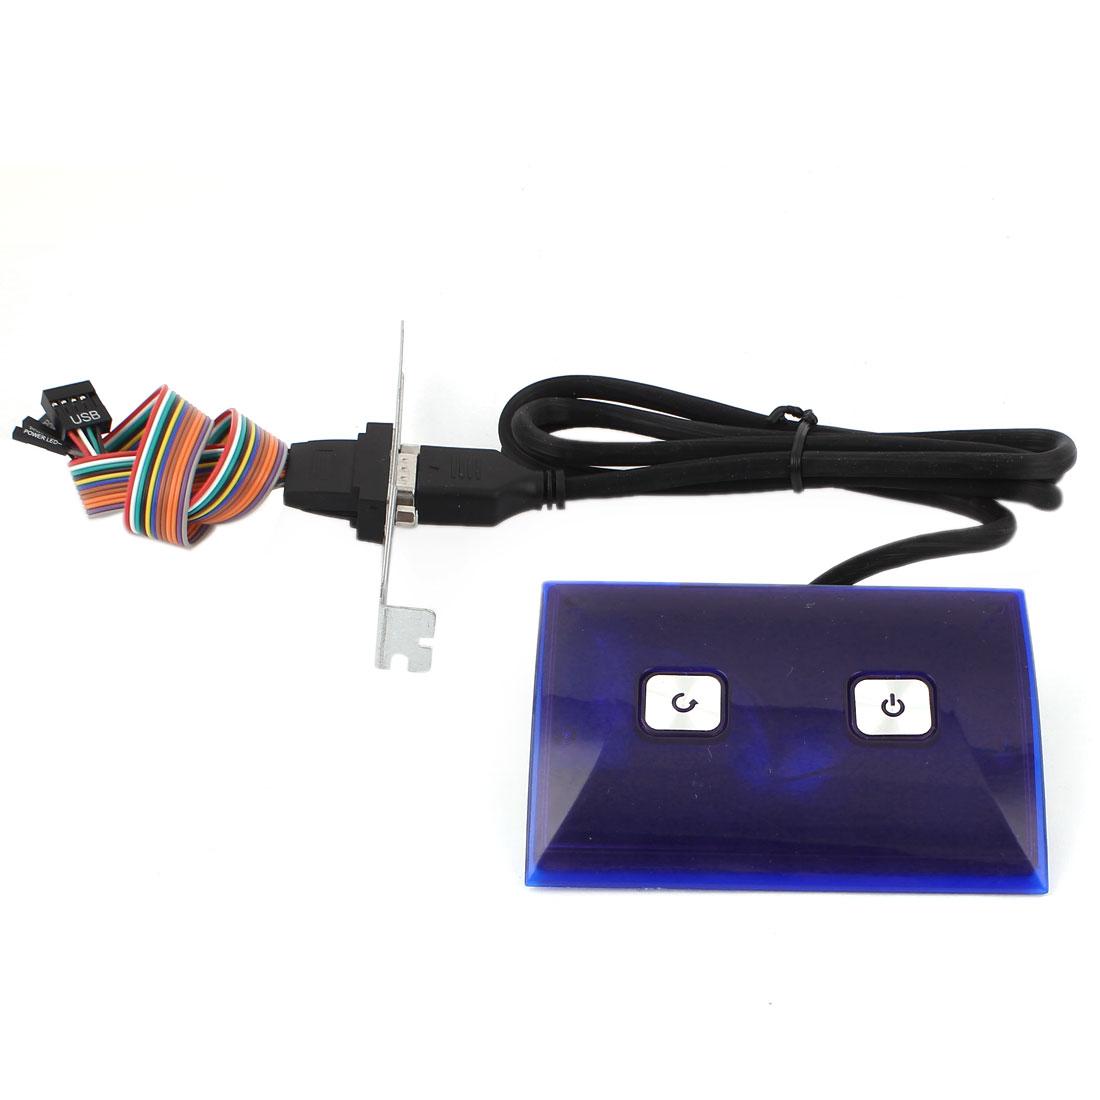 PC Computer Dual USB 2.0 Port Desktop Power Reset Button Switch Blue